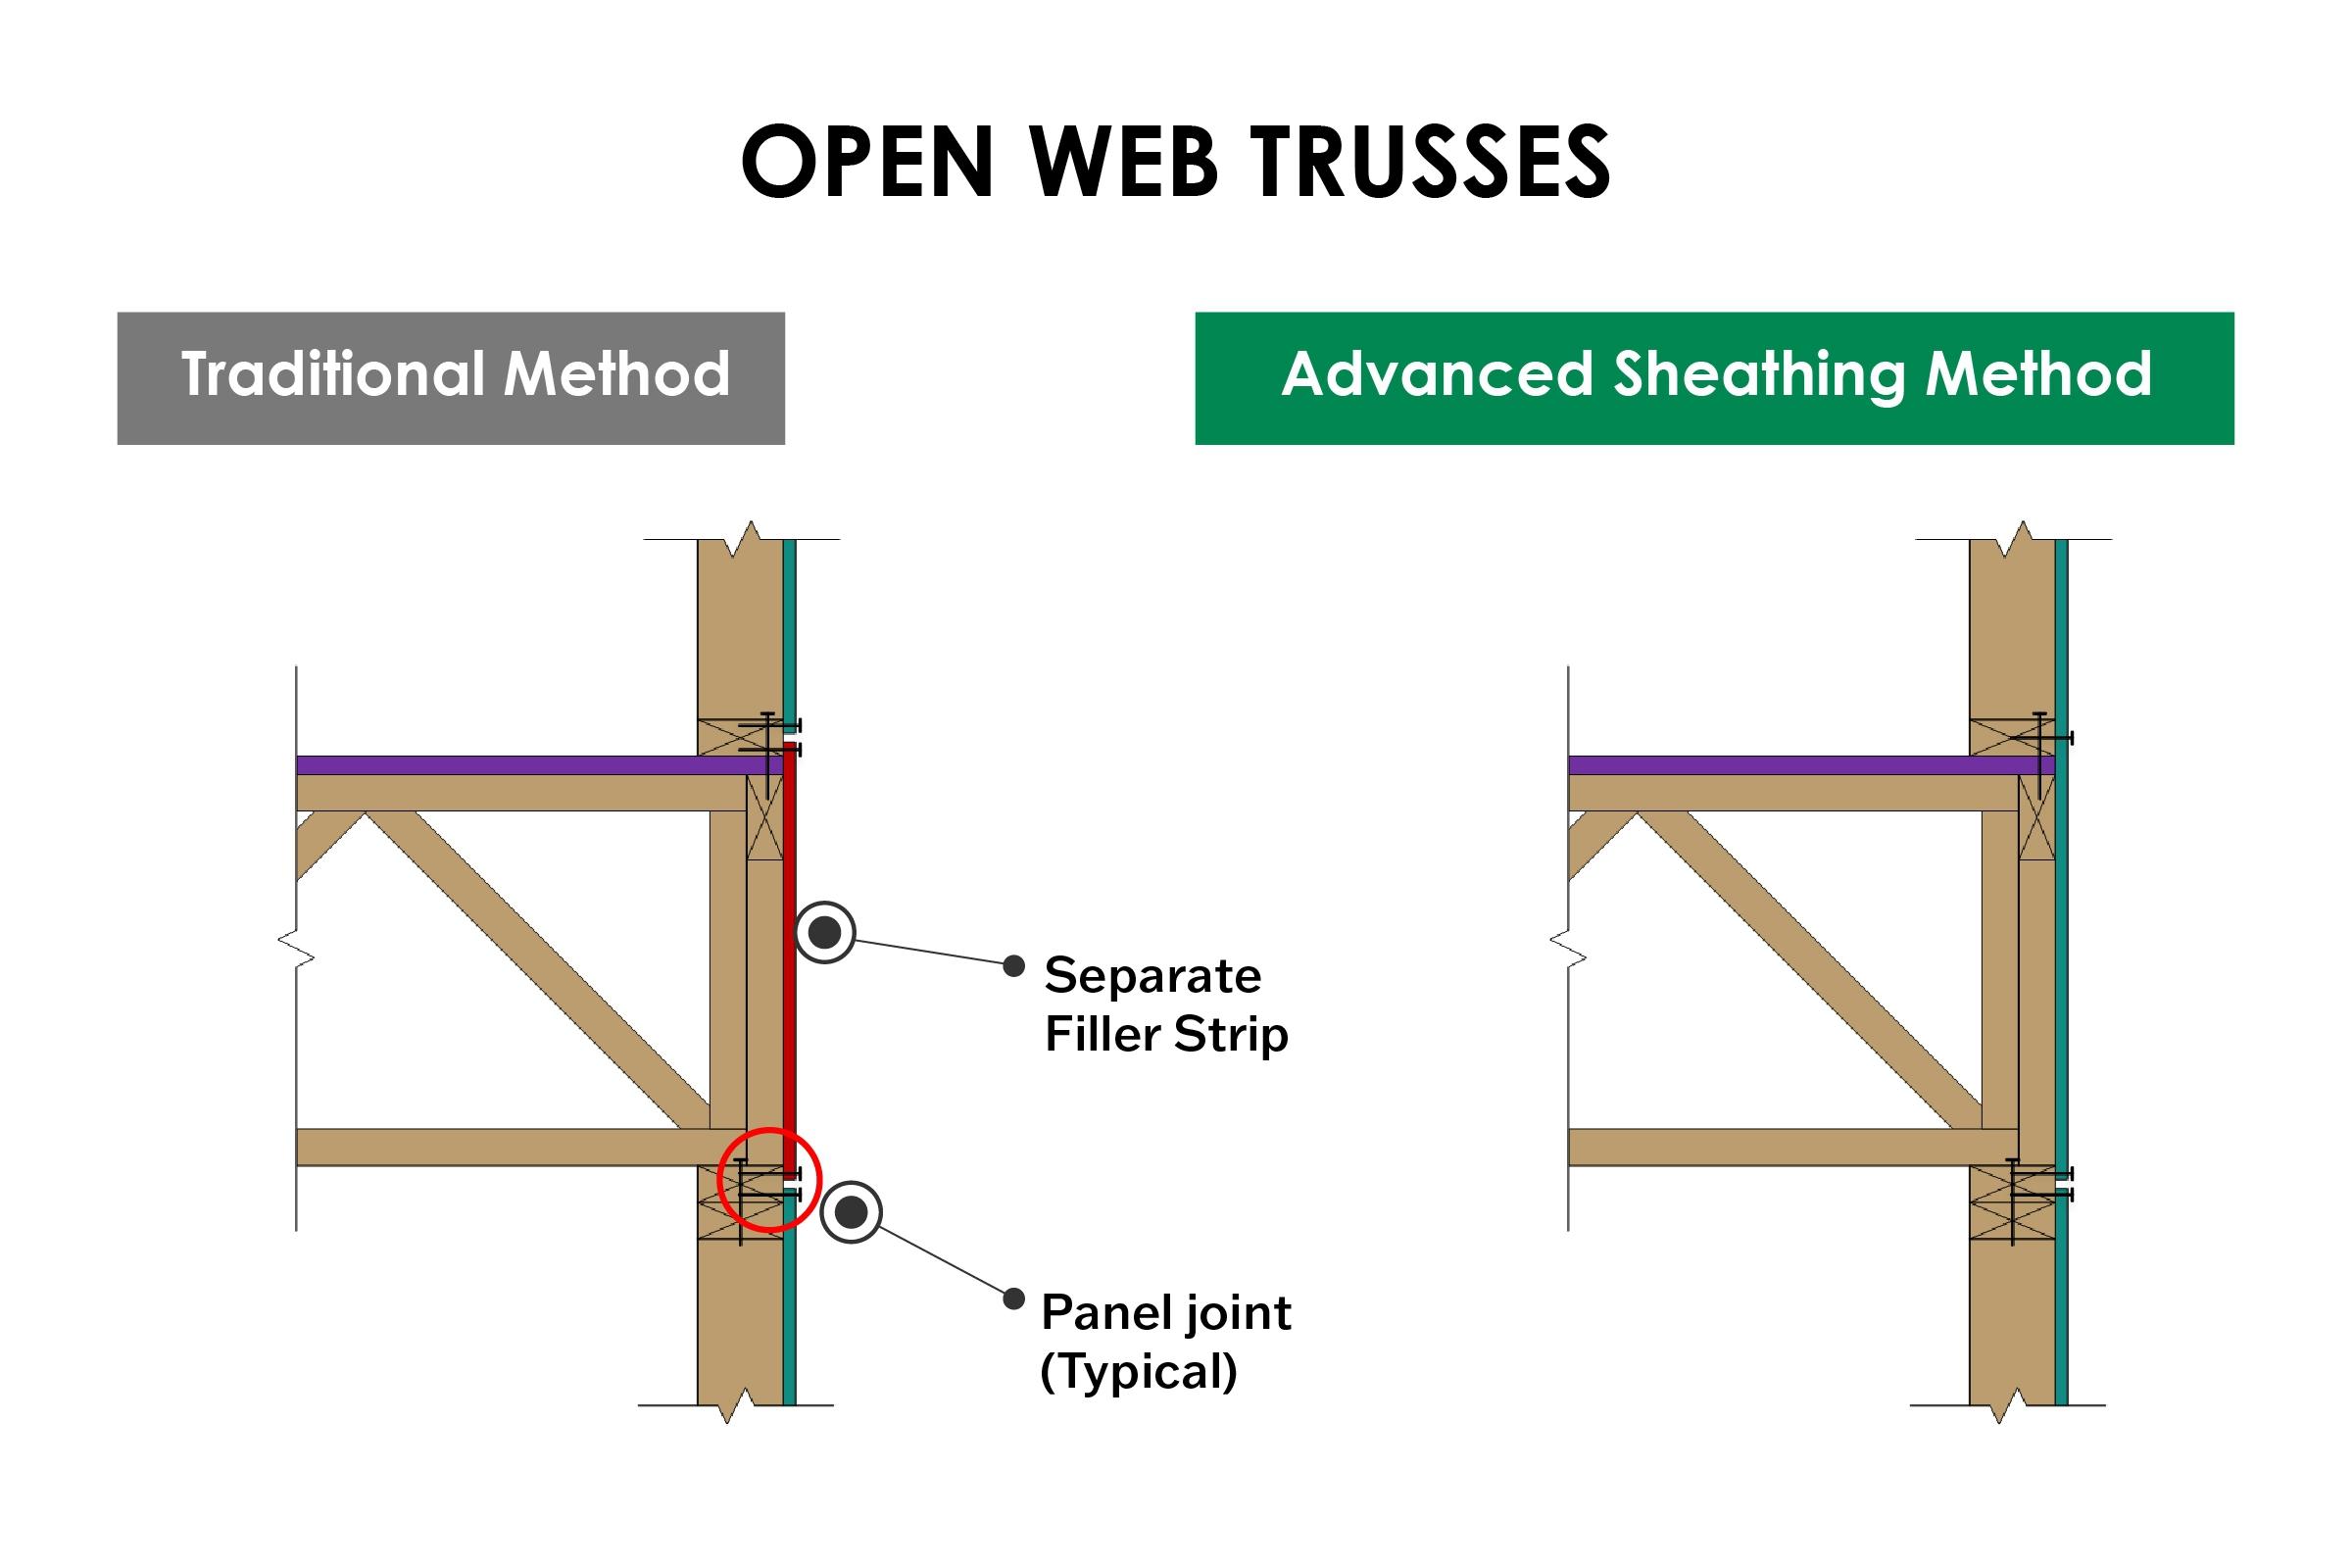 Open Web Trusses